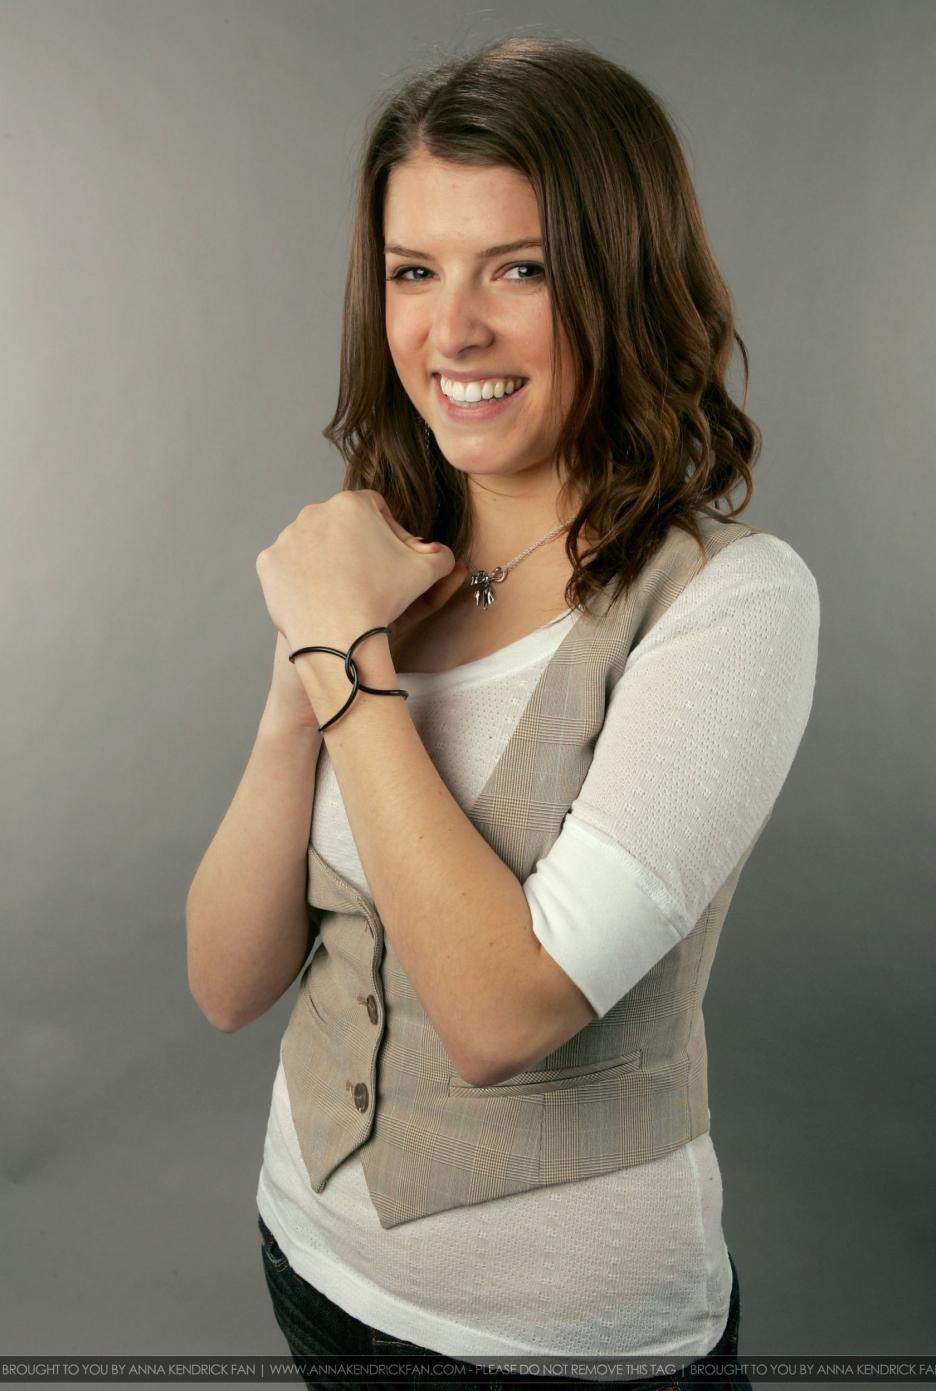 Wikimise: Anna Kendric... Jessica Biel Wikipedia